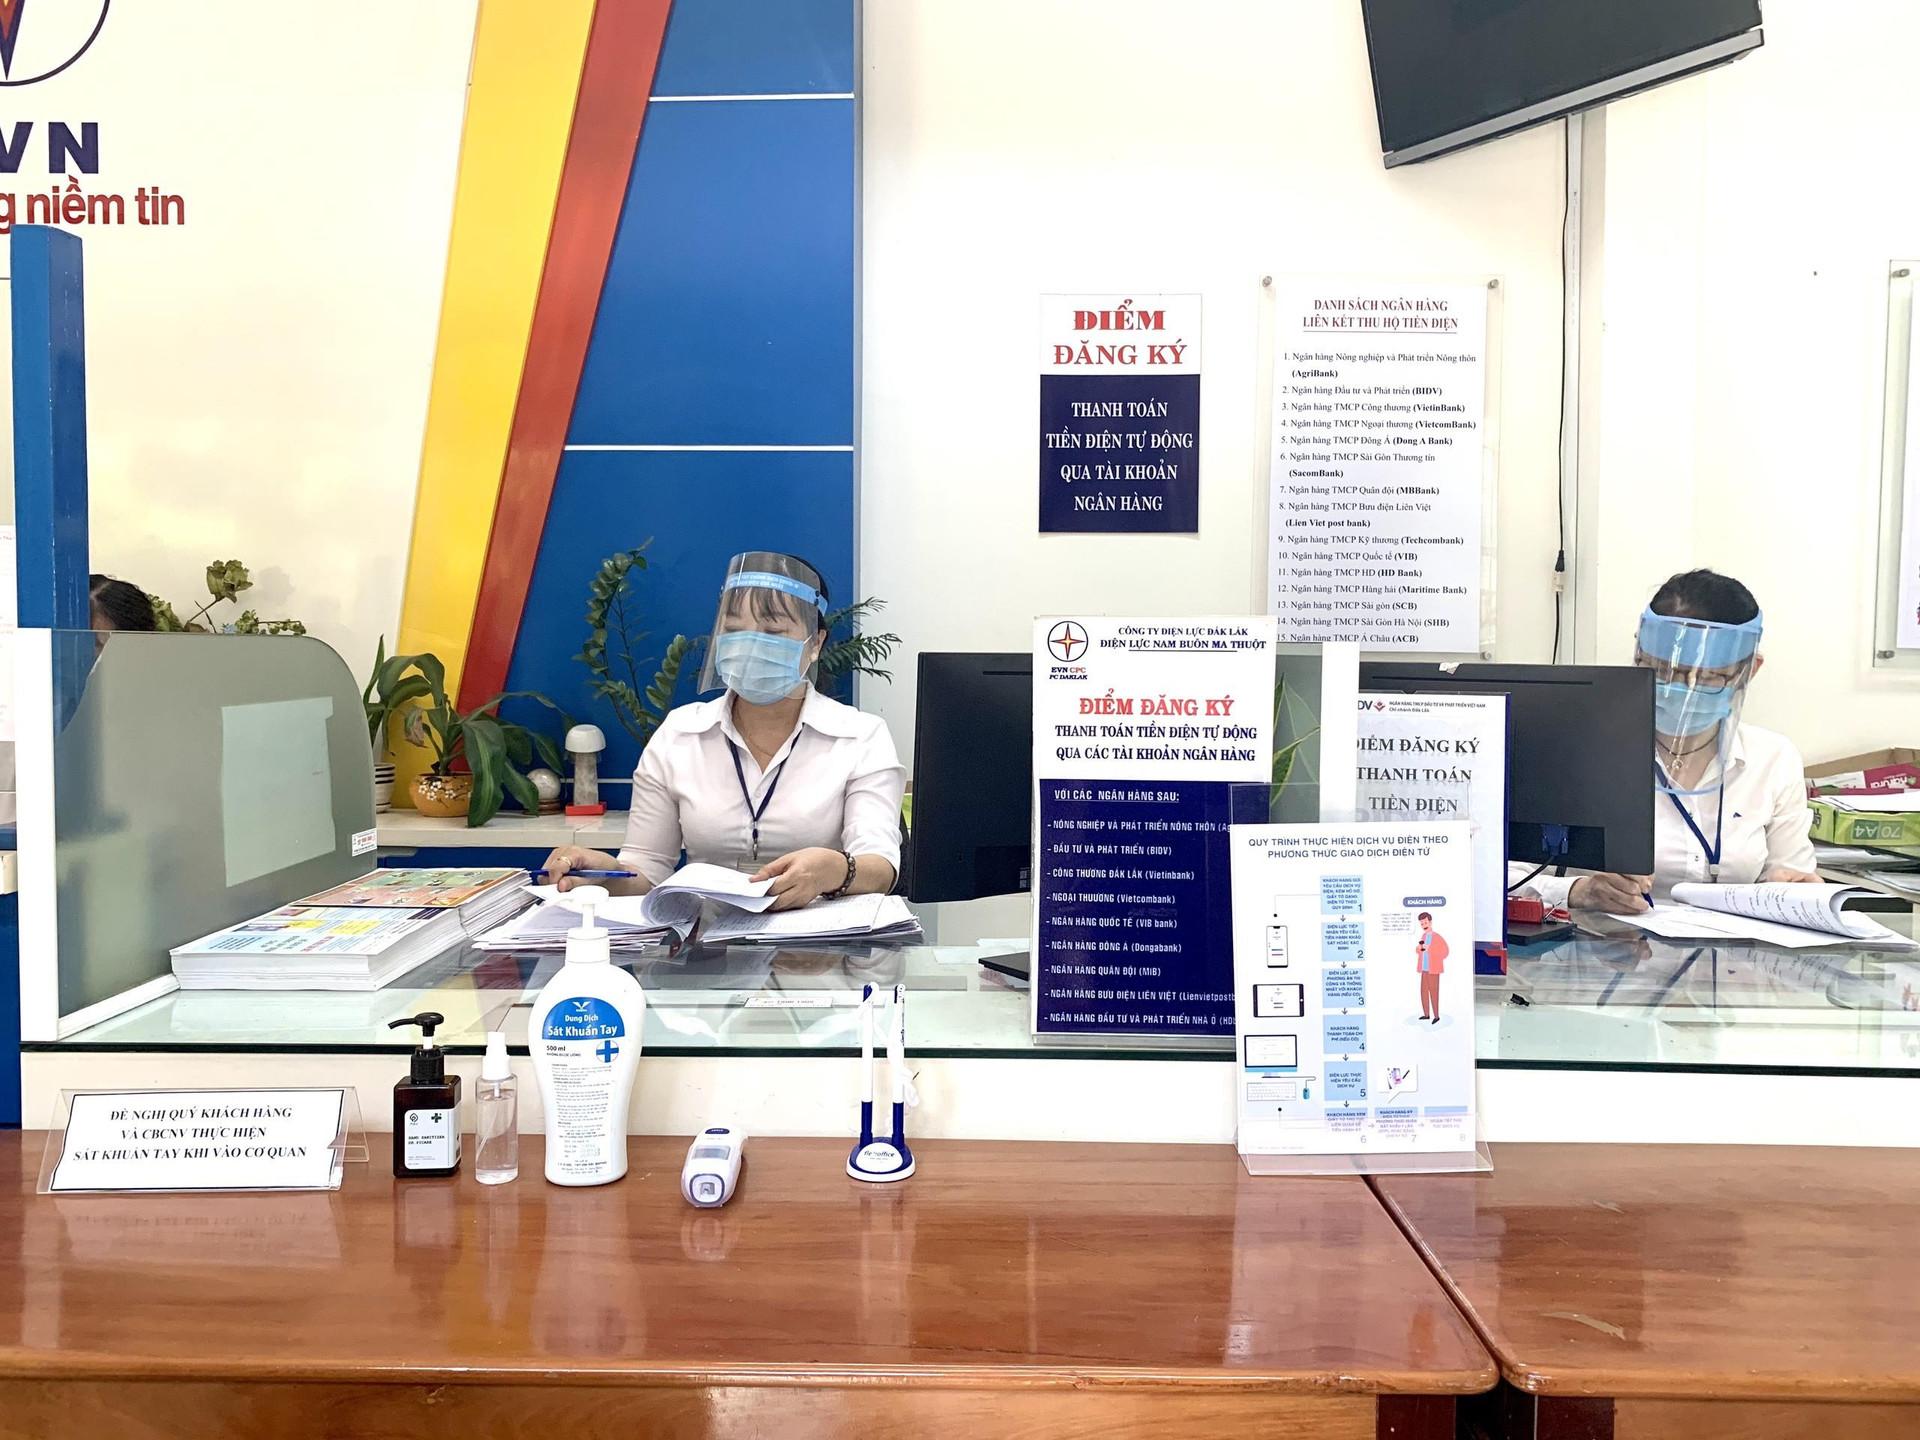 PC Đắk Lắk: Giảm thêm tiền điện cho 150.000 khách hàng bị ảnh hưởng do COVID-19 - 1